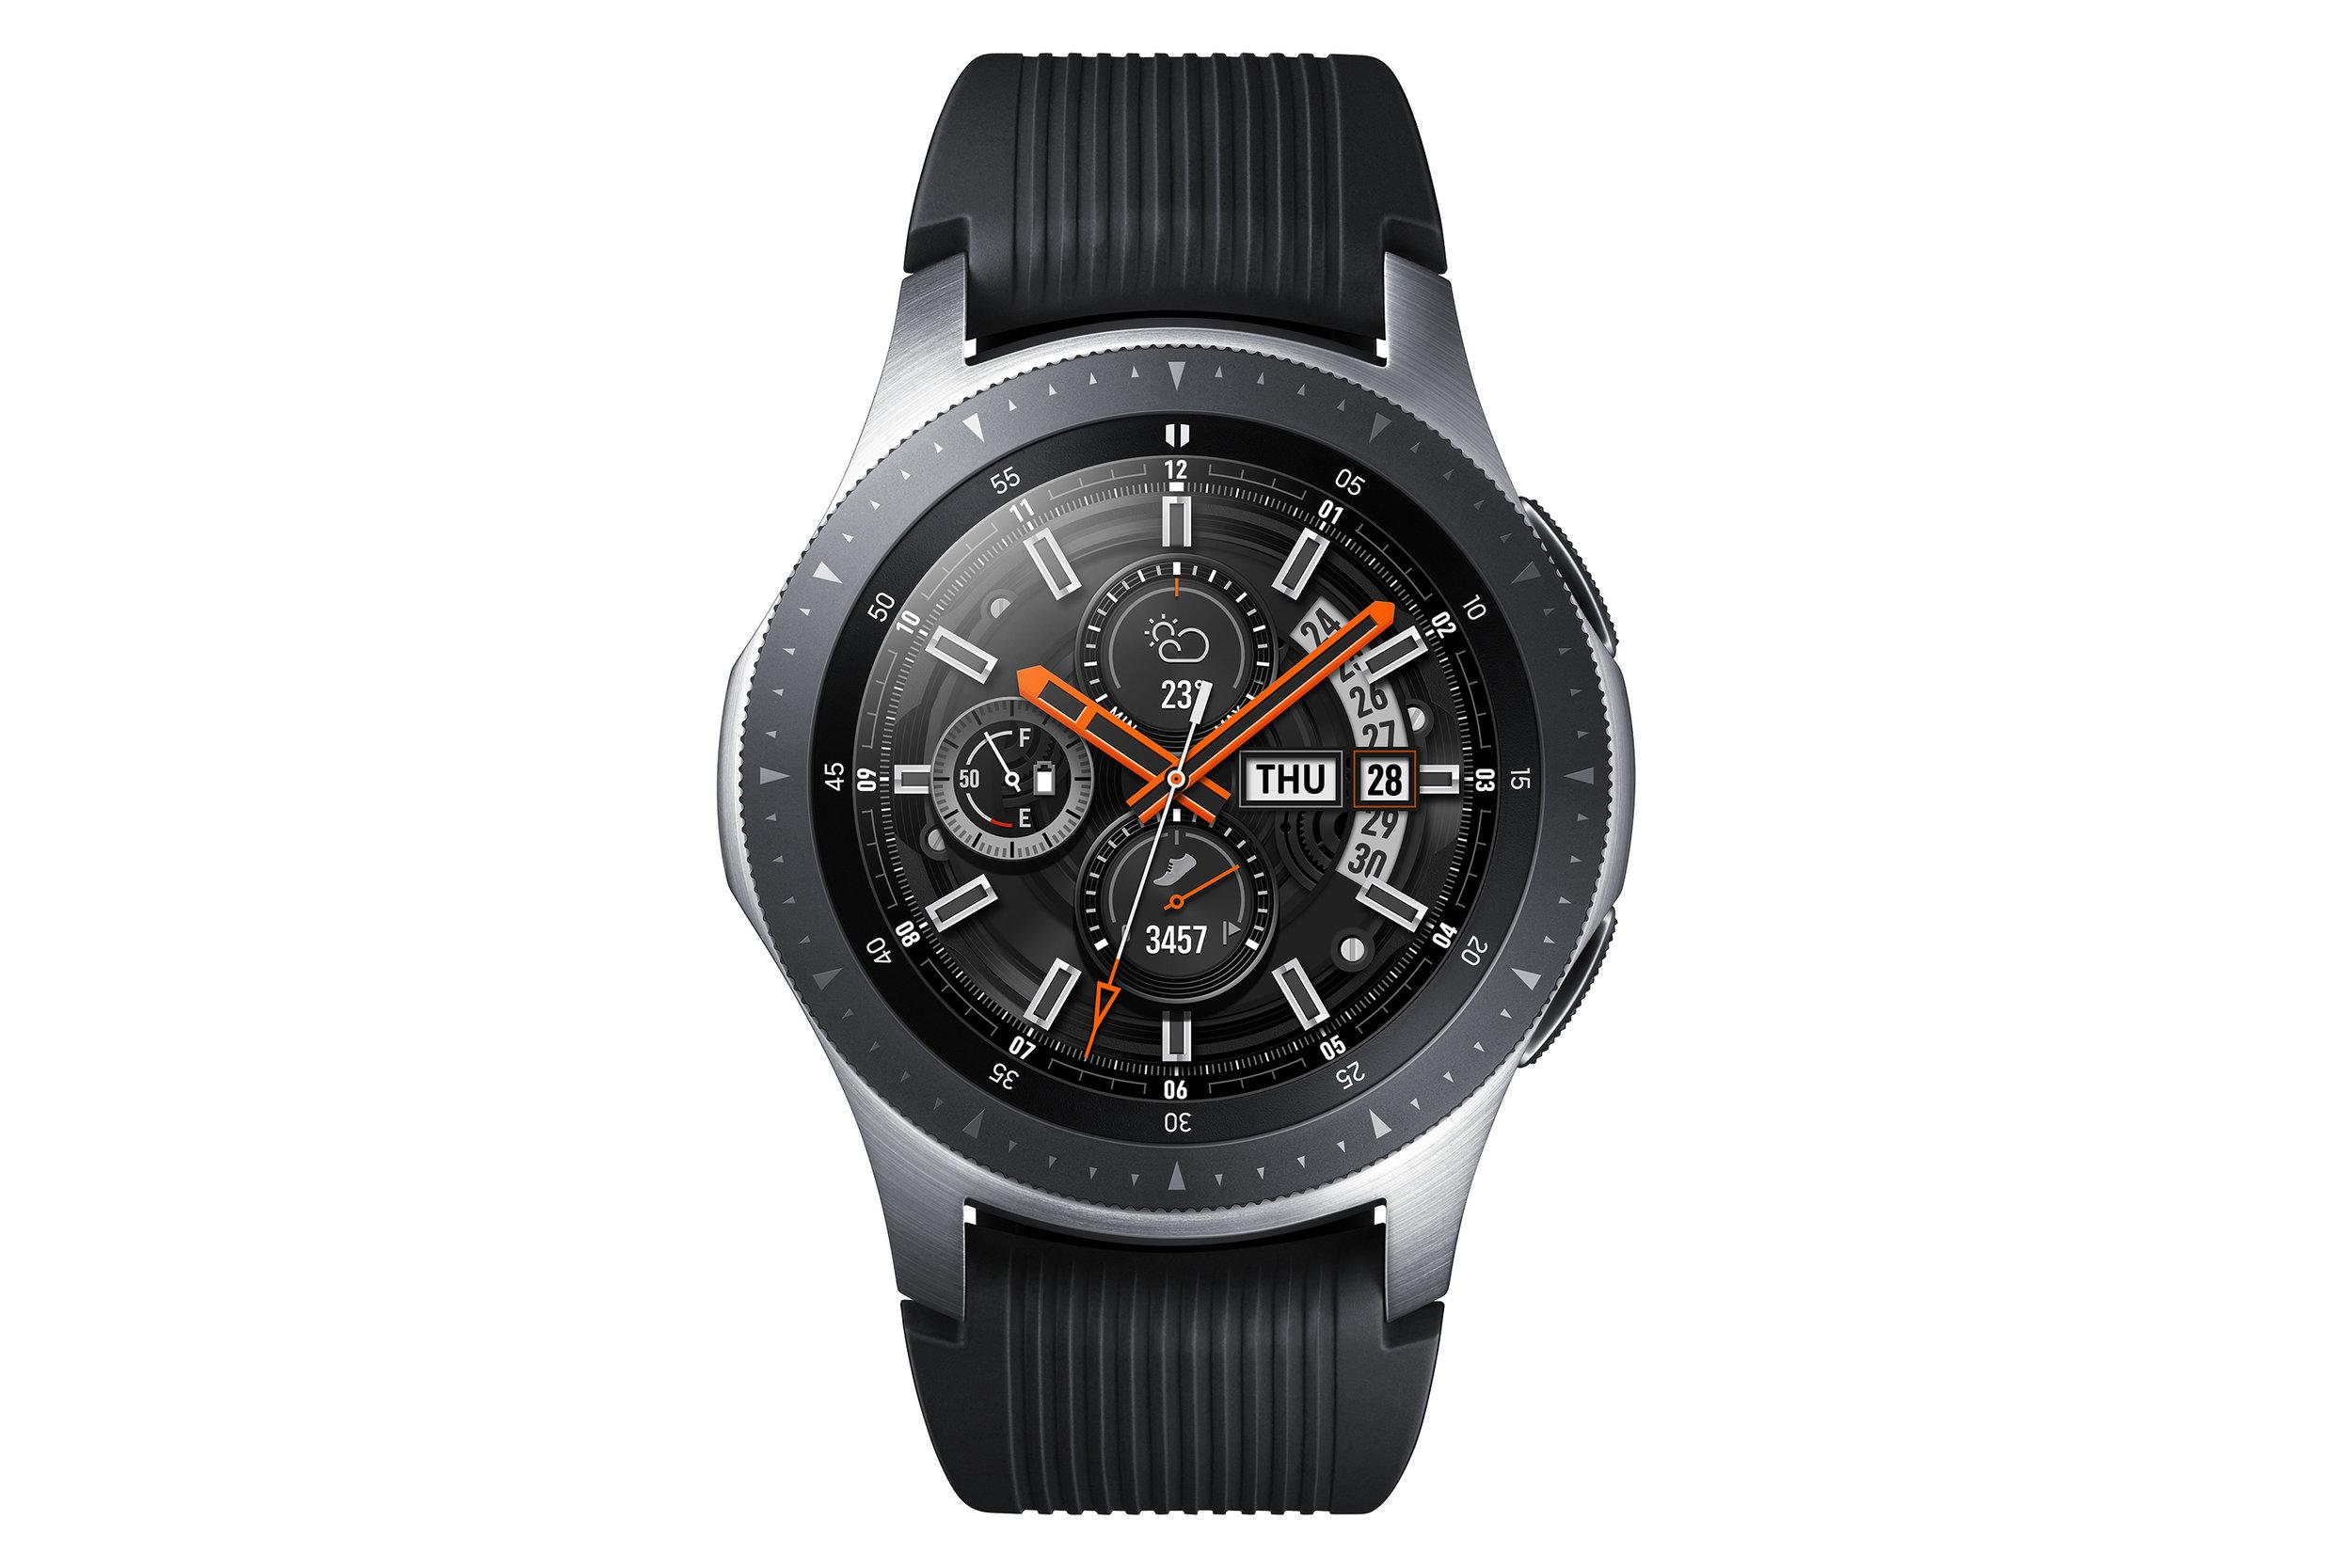 Galaxy_Watch_46mm_02.jpg